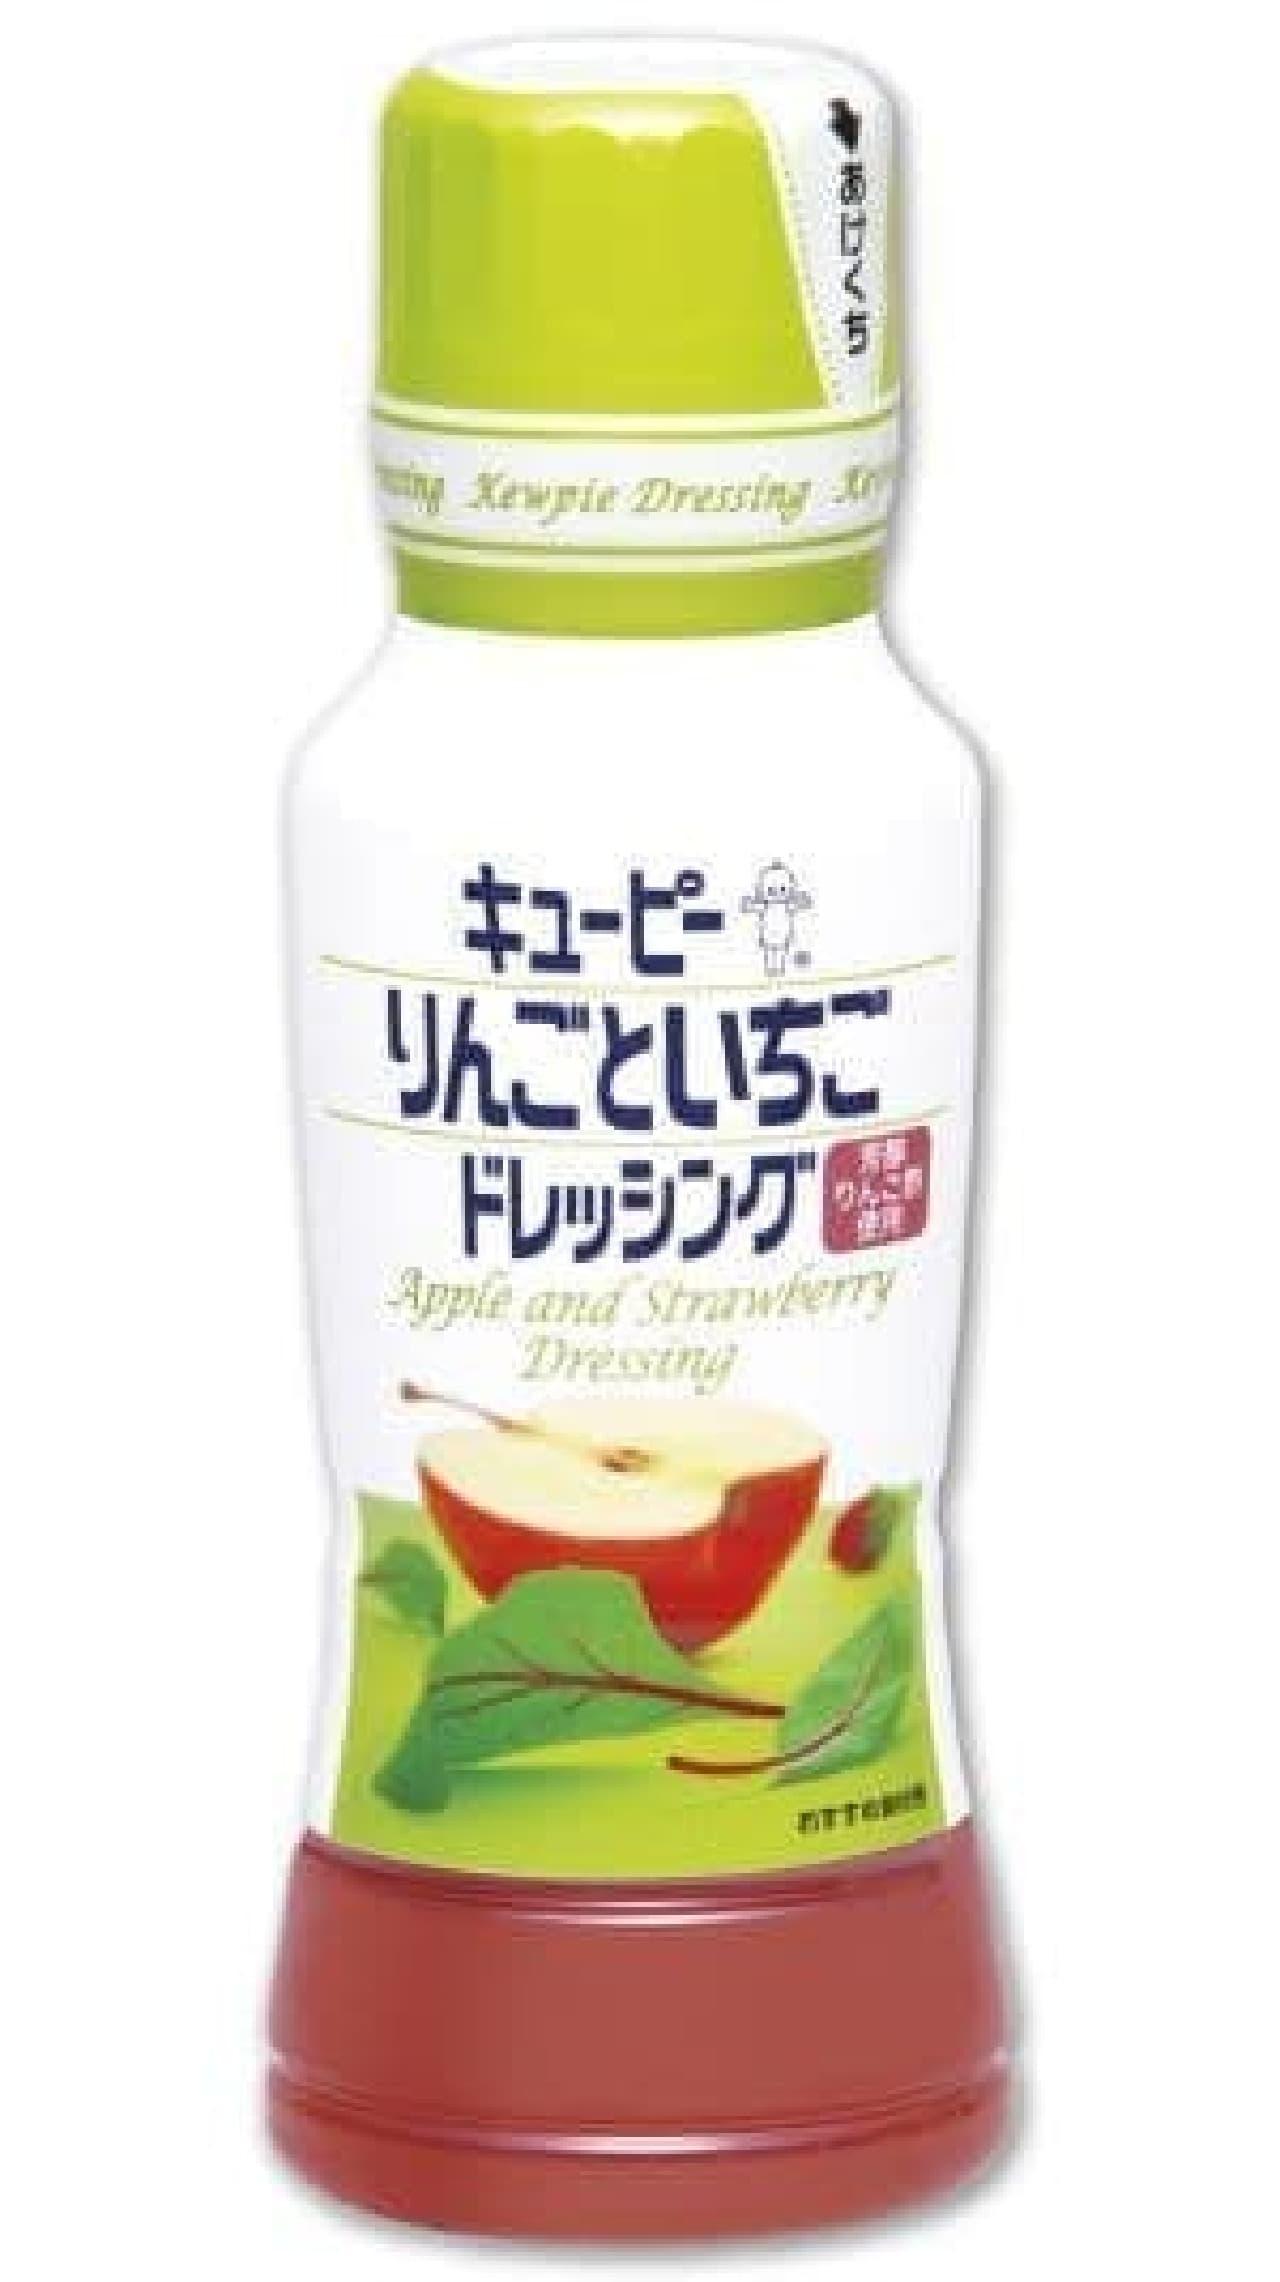 キユーピー「りんごといちごドレッシング」